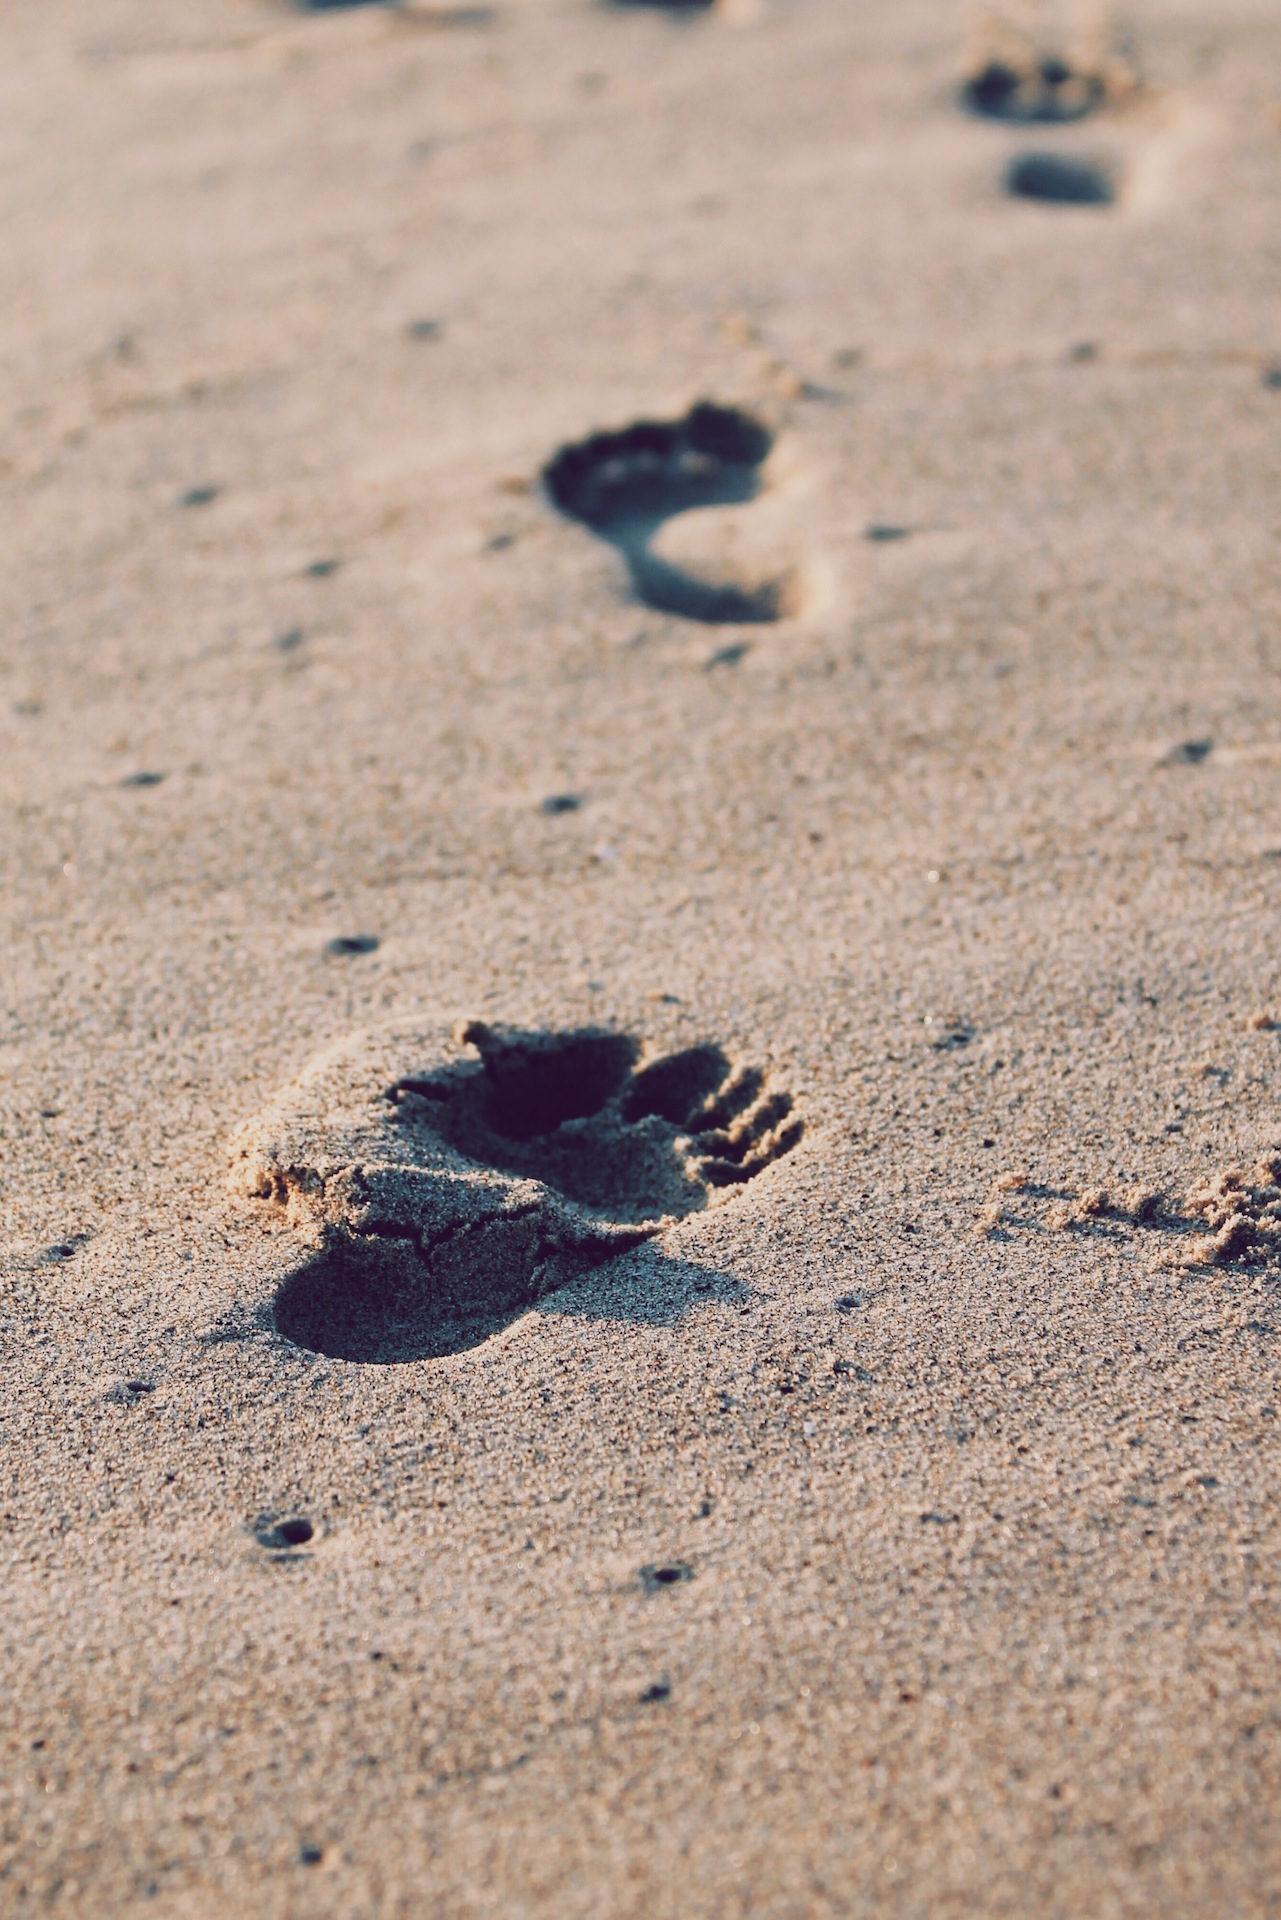 脚印, 脚步声, 沙子, 海滩, 双脚 - 高清壁纸 - 教授-falken.com